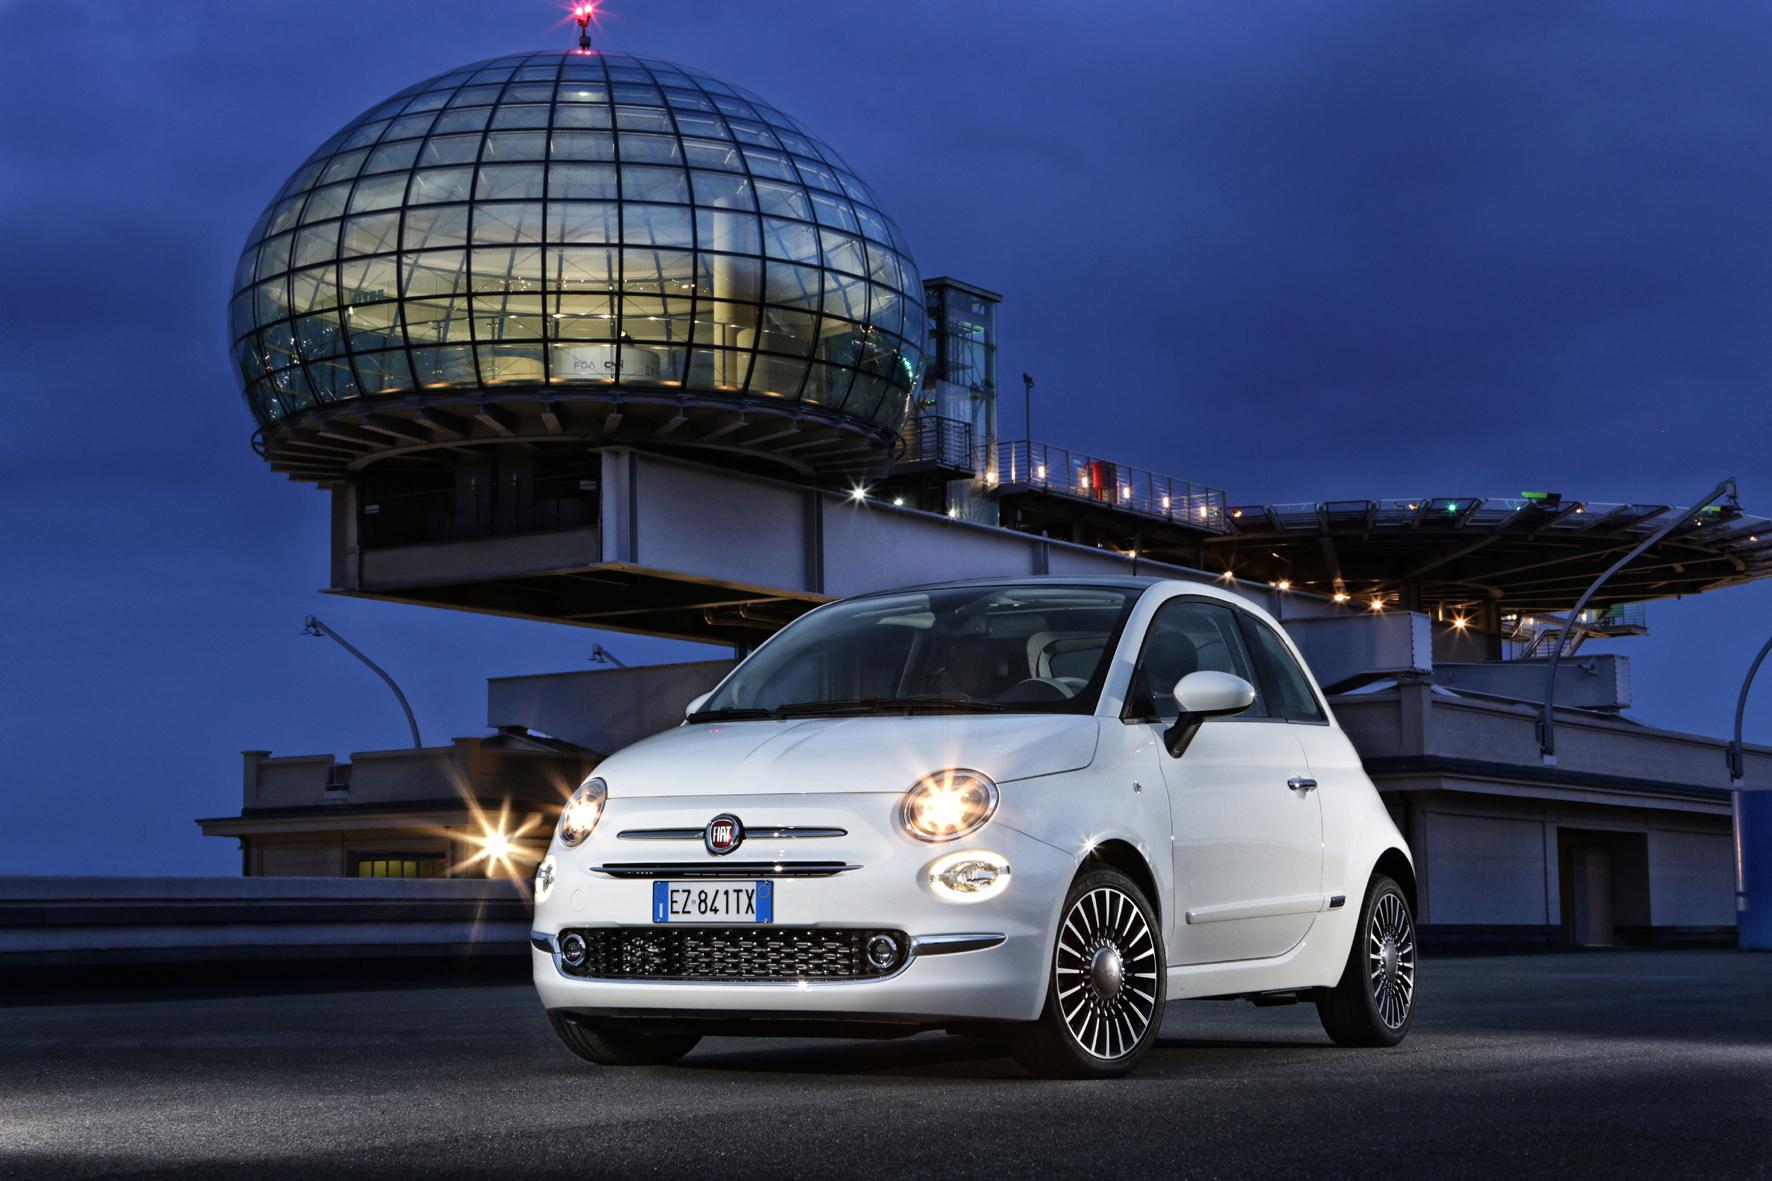 mid Frankfurt am Main - Leichten Retuschen an den Scheinwerfern, aber sonst ganz der Alte: der modellgepflegte Fiat 500.